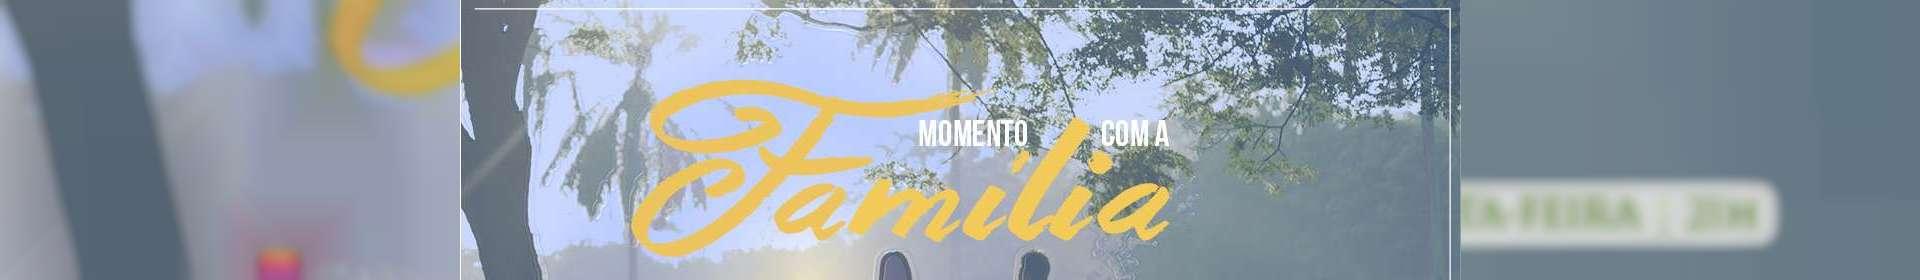 Momento com a Família - 02/08/2019